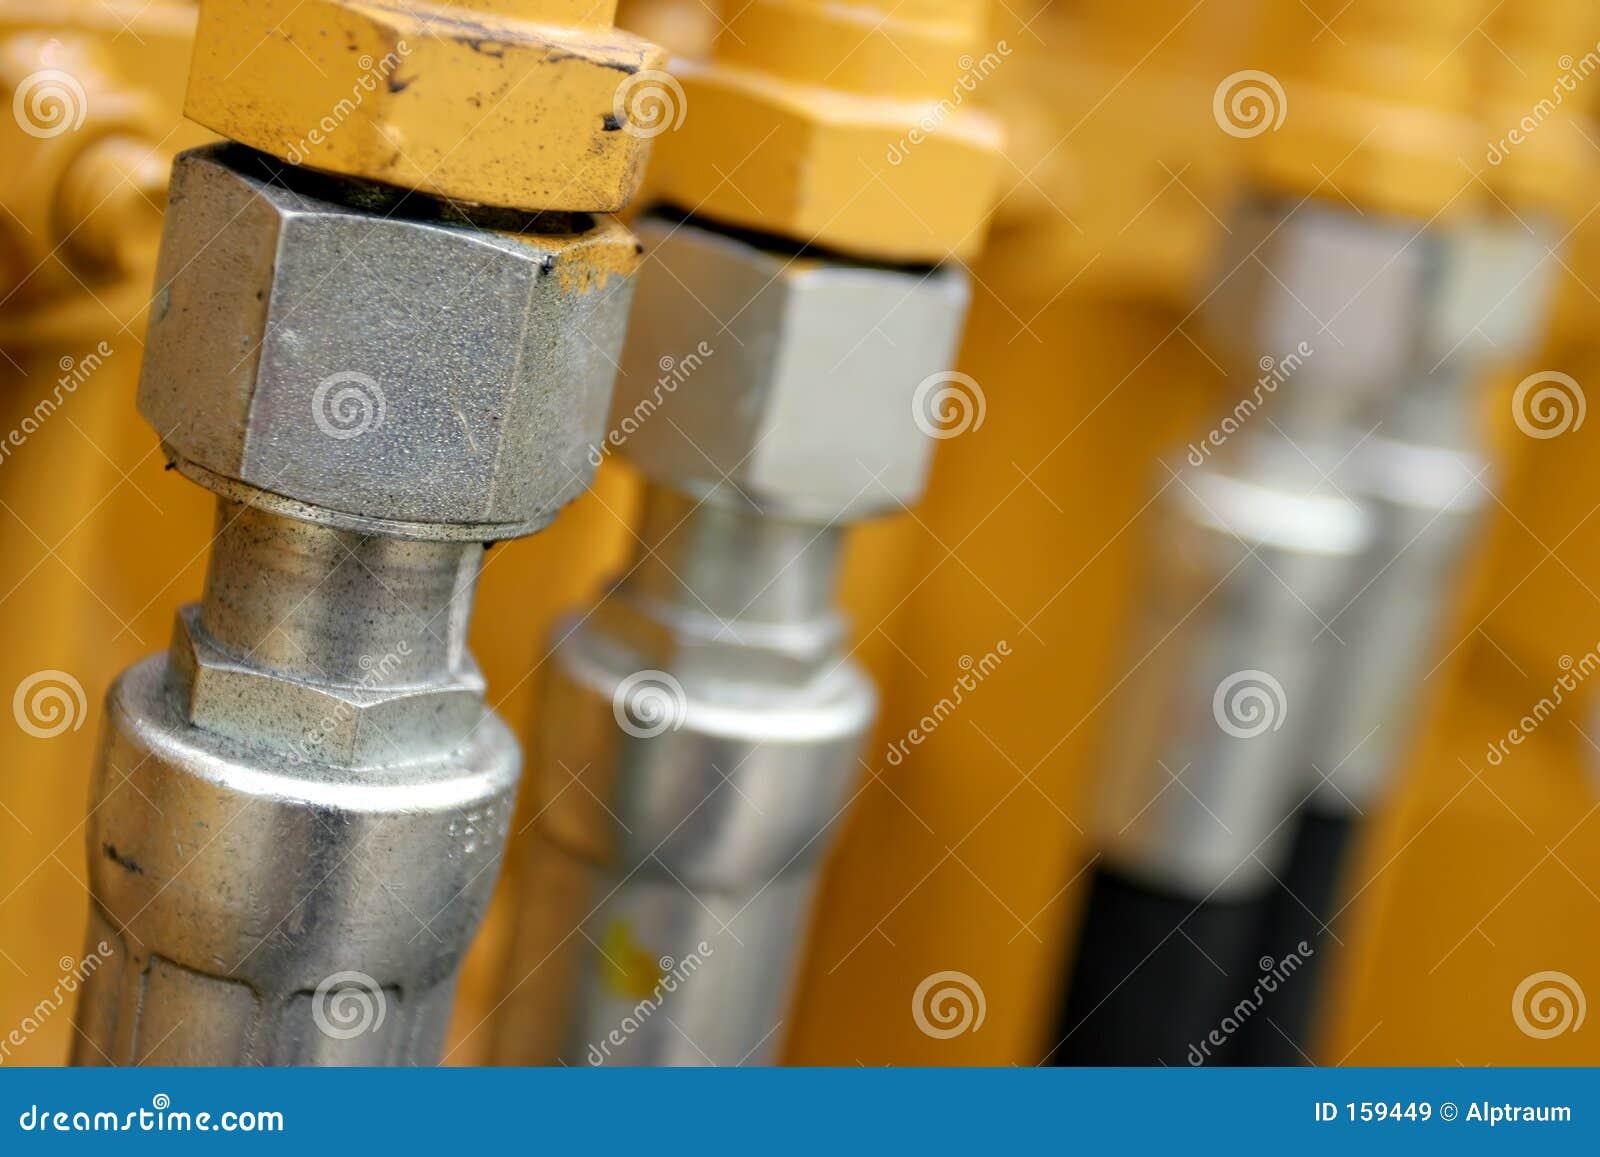 Hydraulic lines